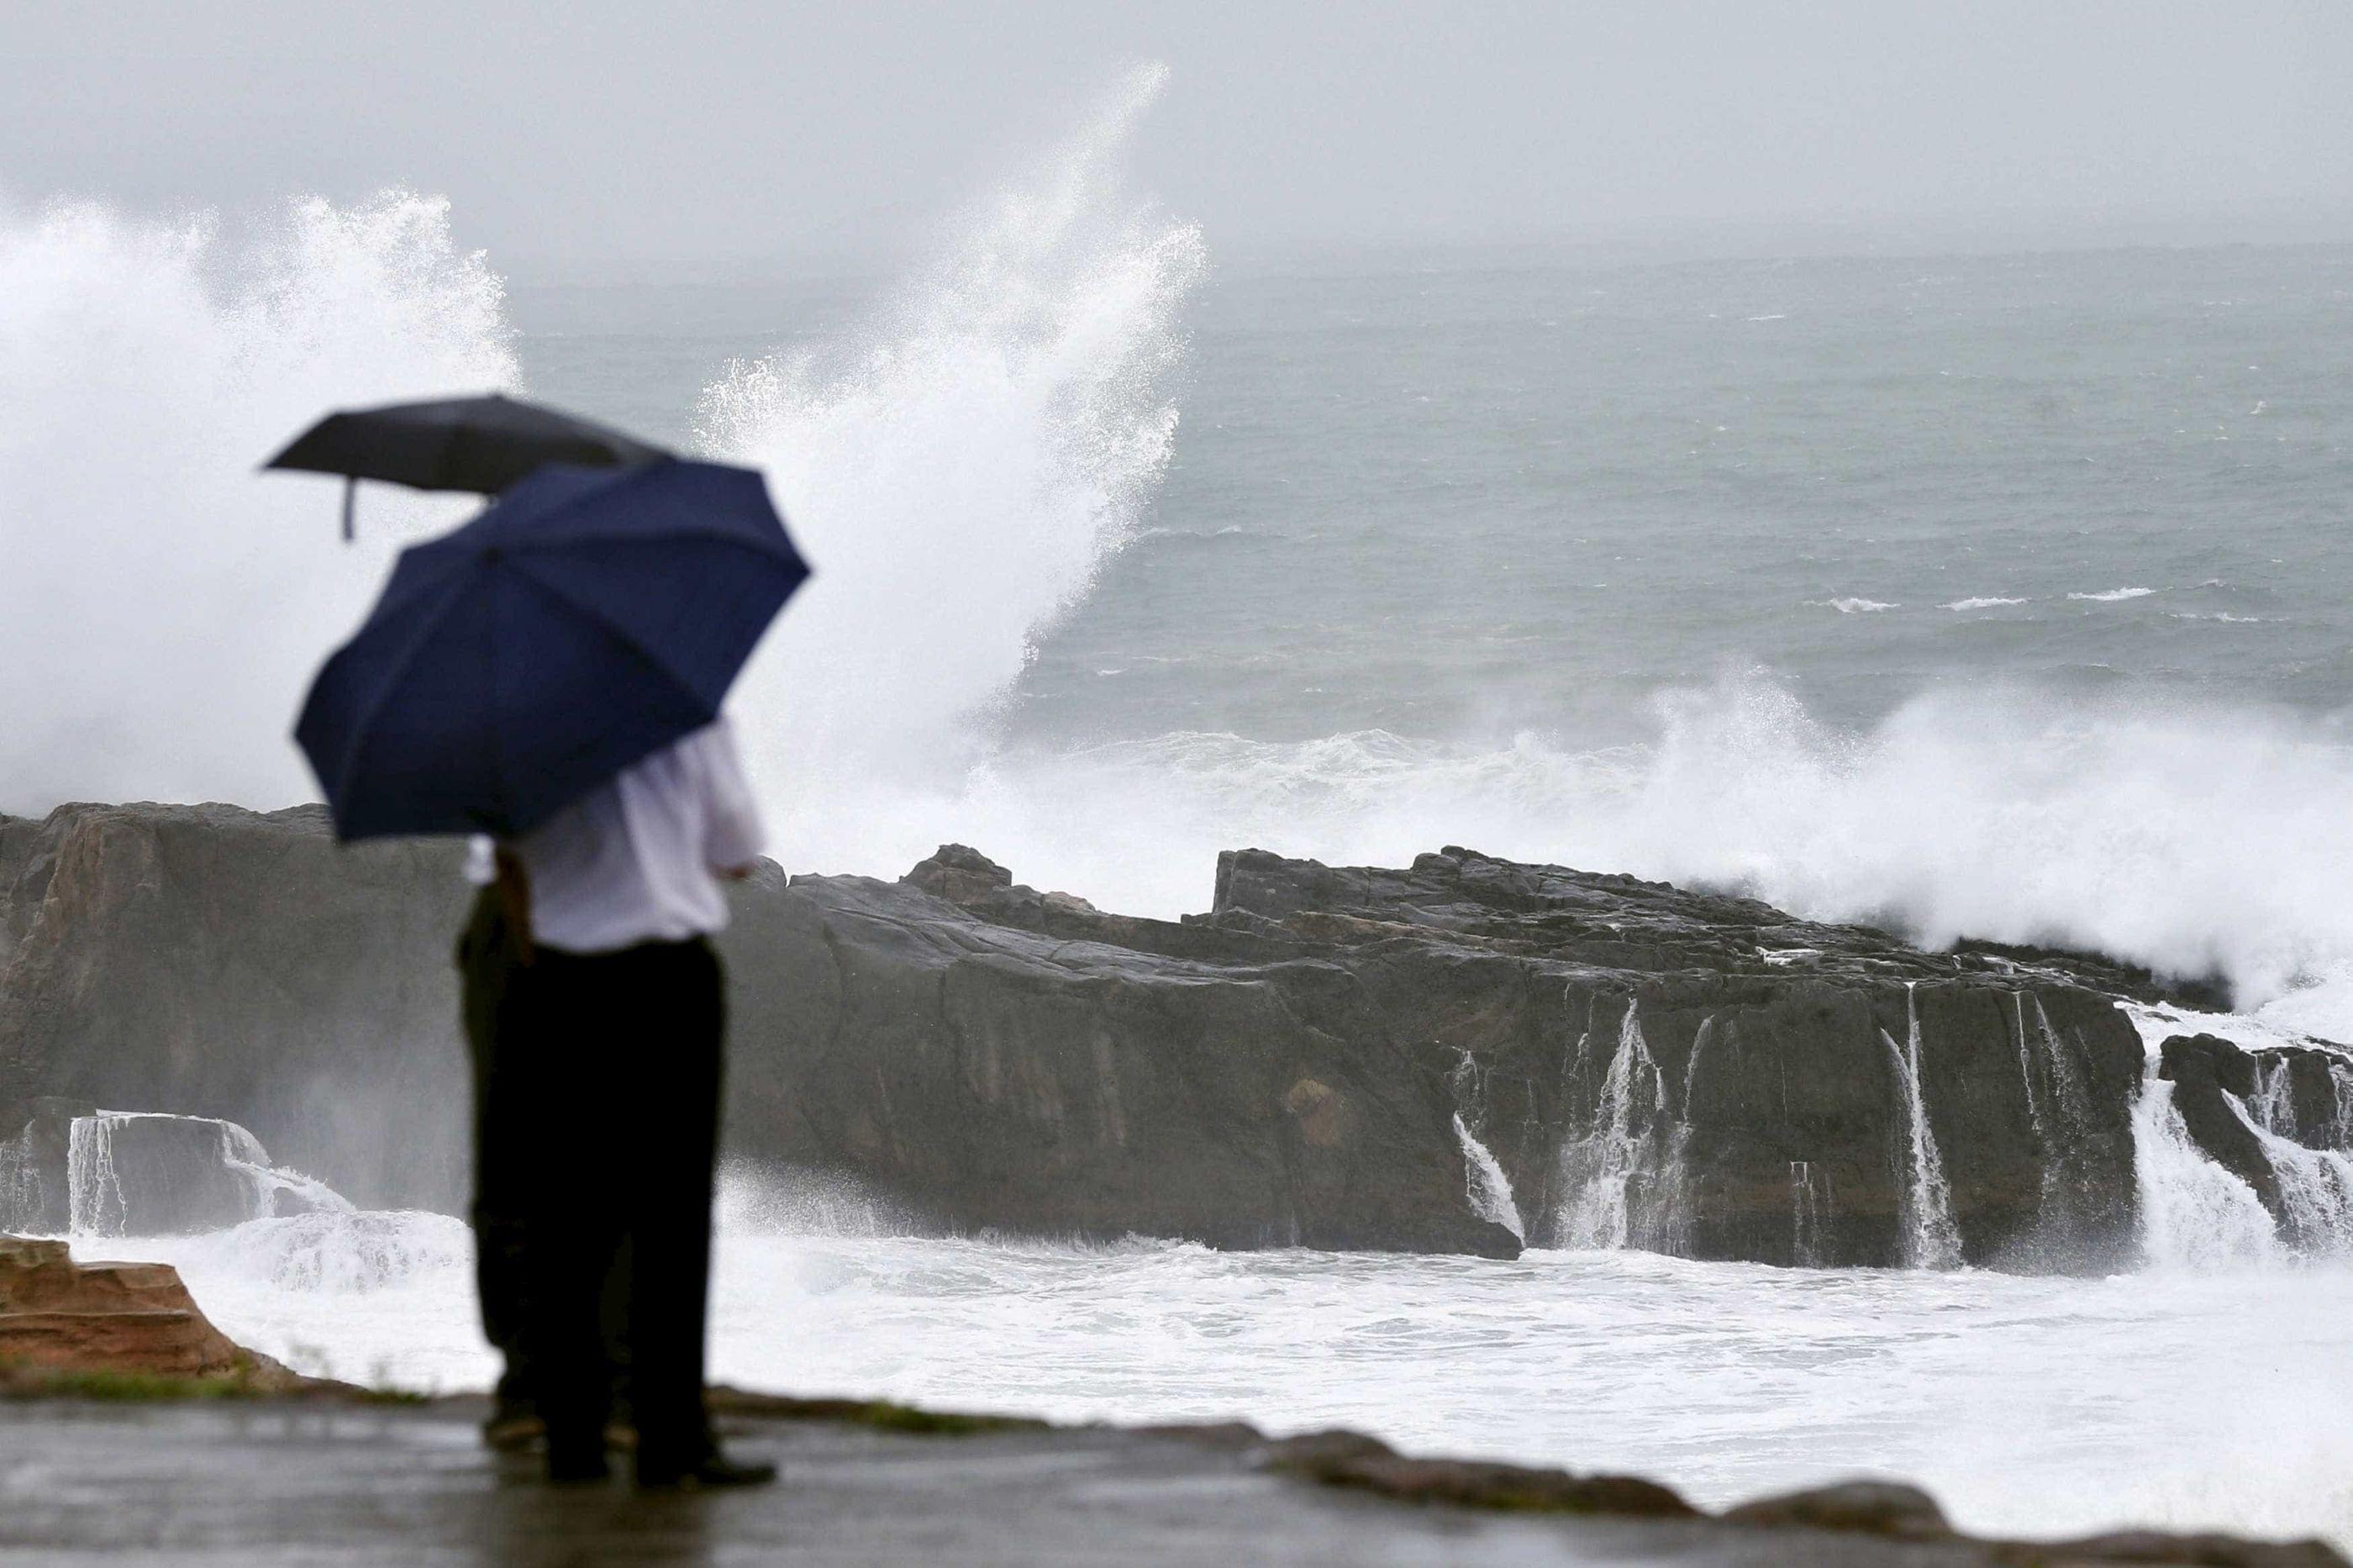 Está aí a chuva e há seis distritos sob aviso devido à agitação marítima